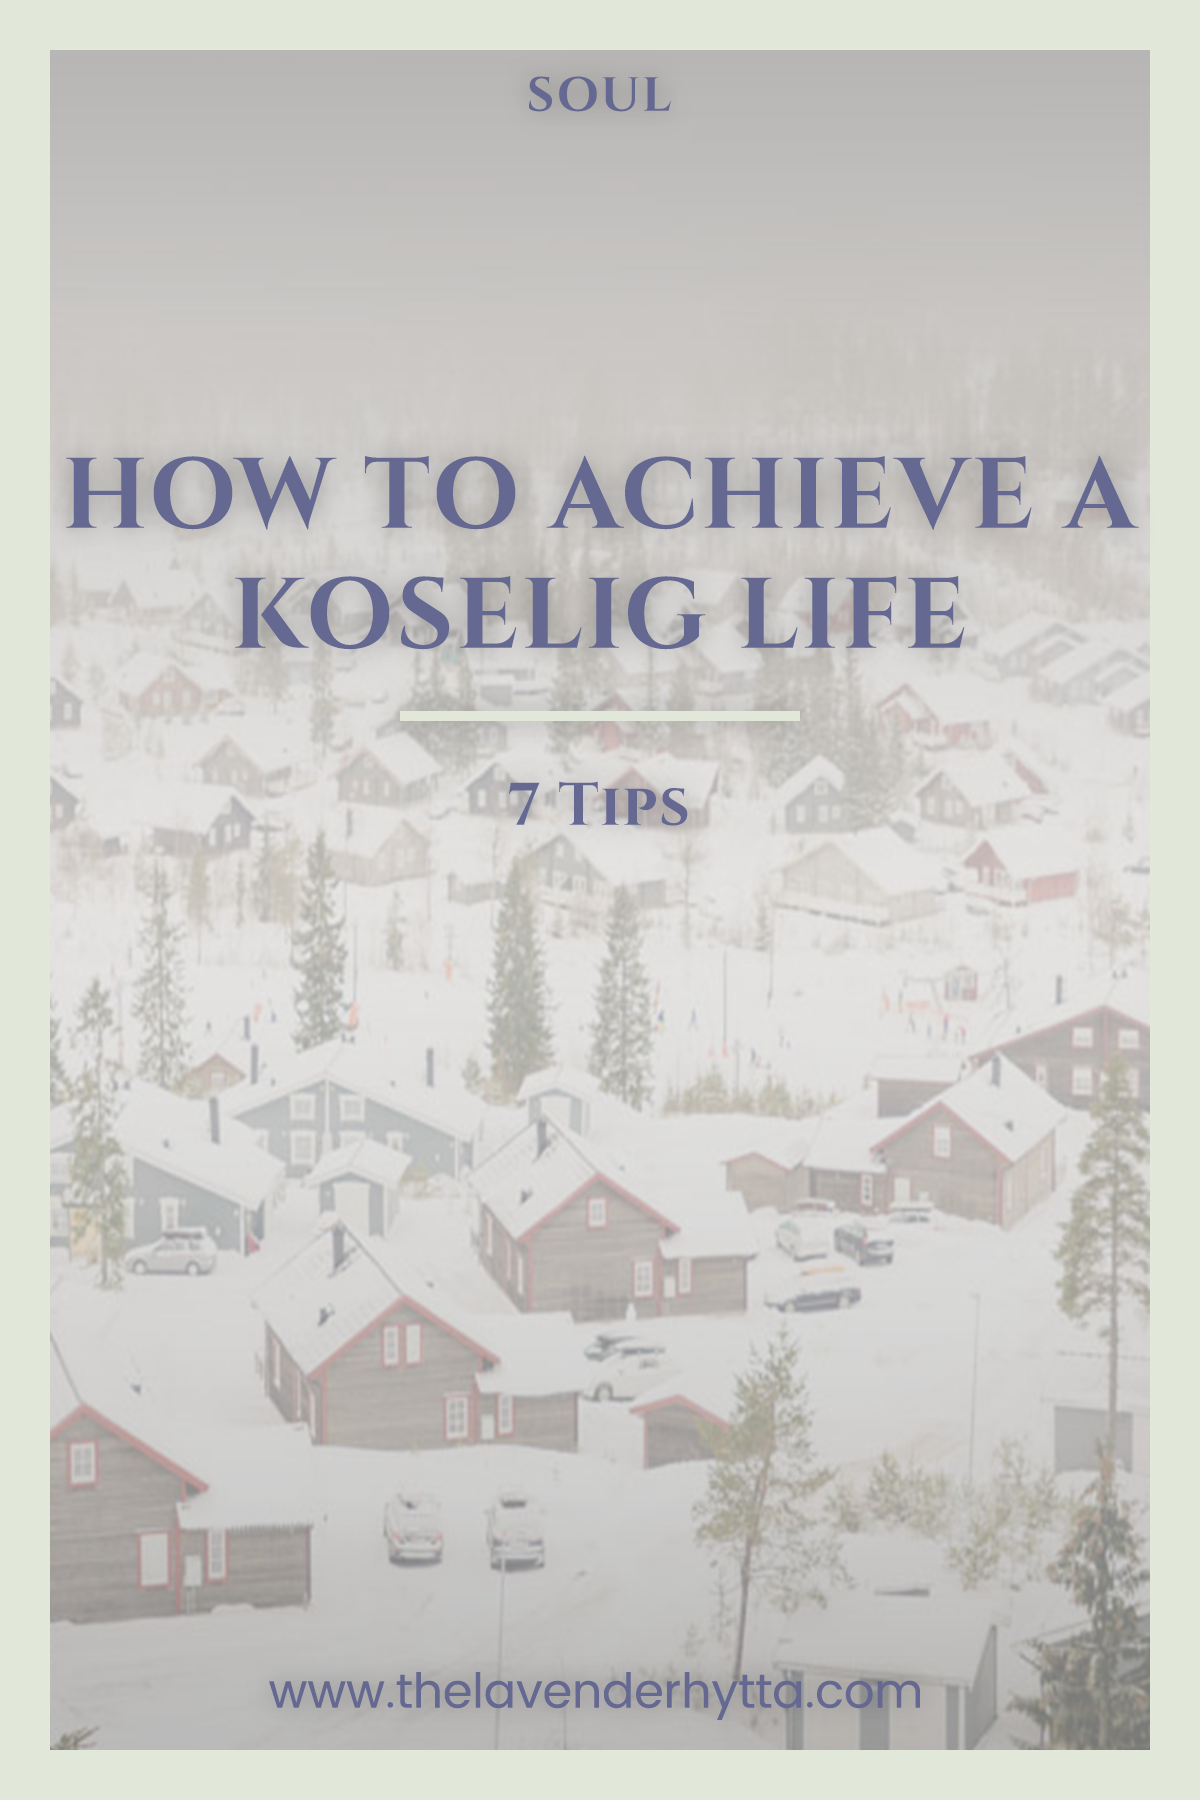 Koselig | Koselig Life | Norway | Norge | Life in Norway | Soul |  via @lavenderhytta